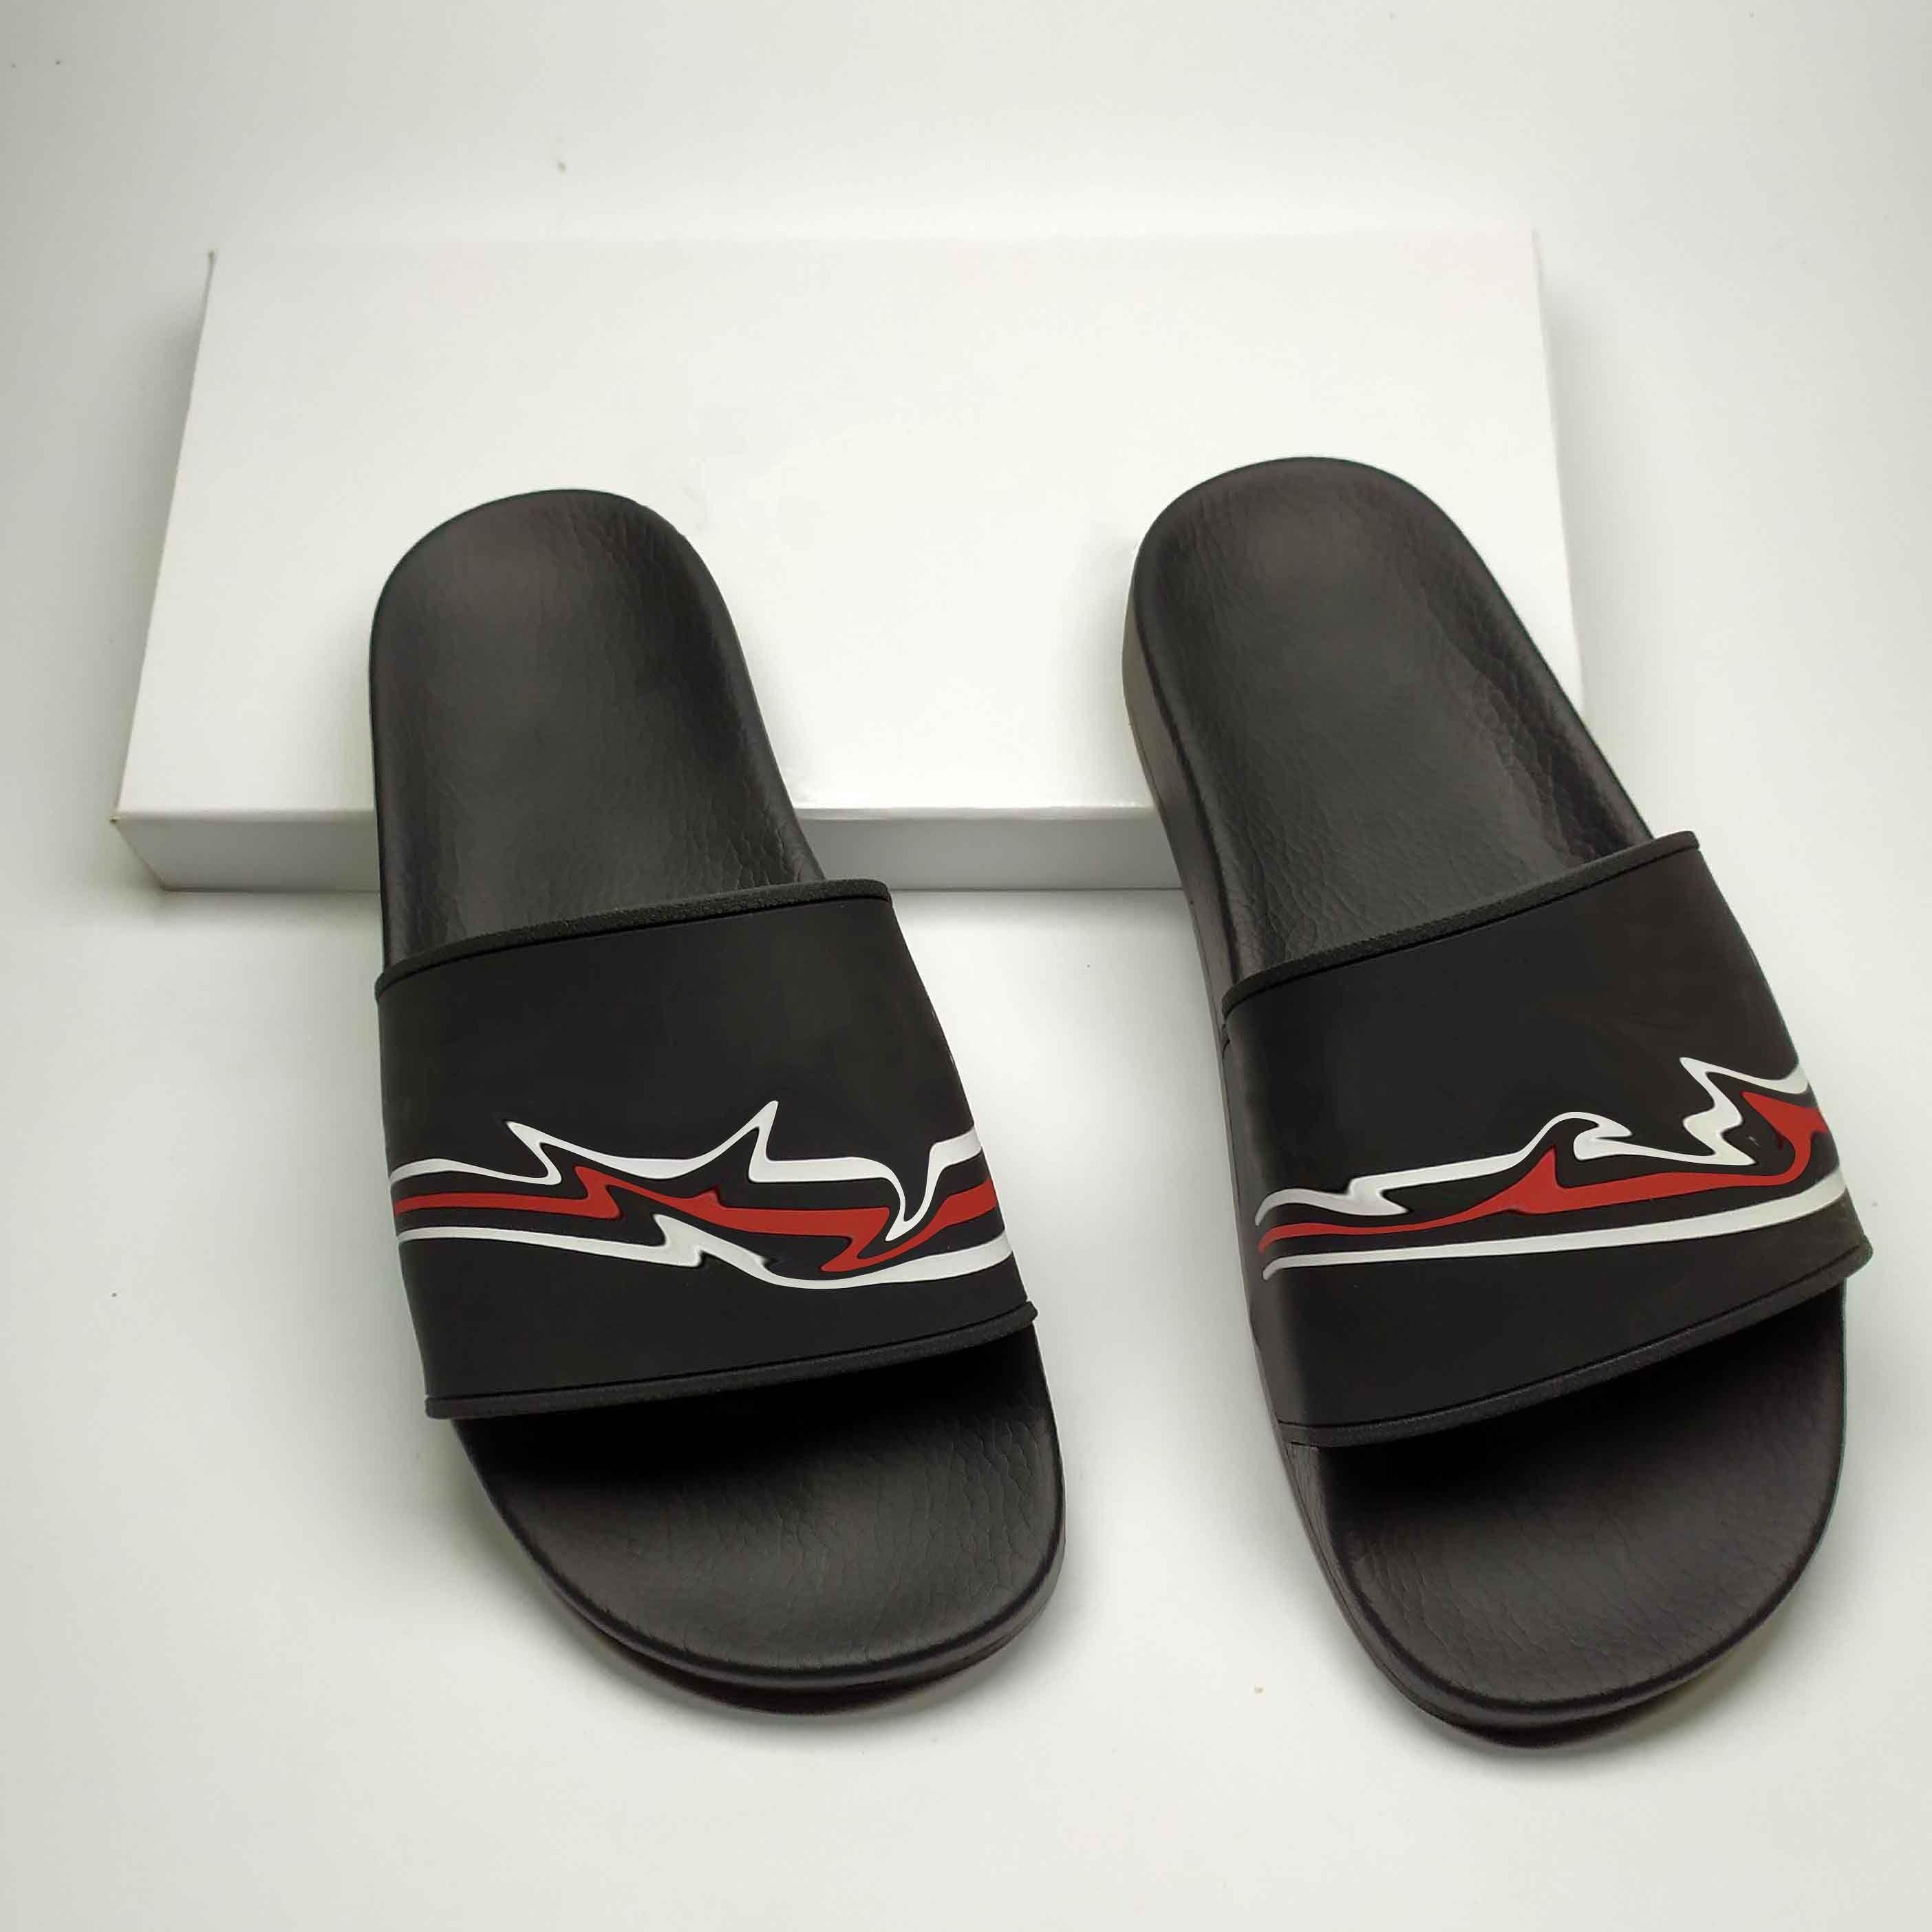 New Hot Summer Vente unisexe Pantoufle de haute qualité en noir et blanc de sandales Couple Mode Taille X 35-46 20061704W